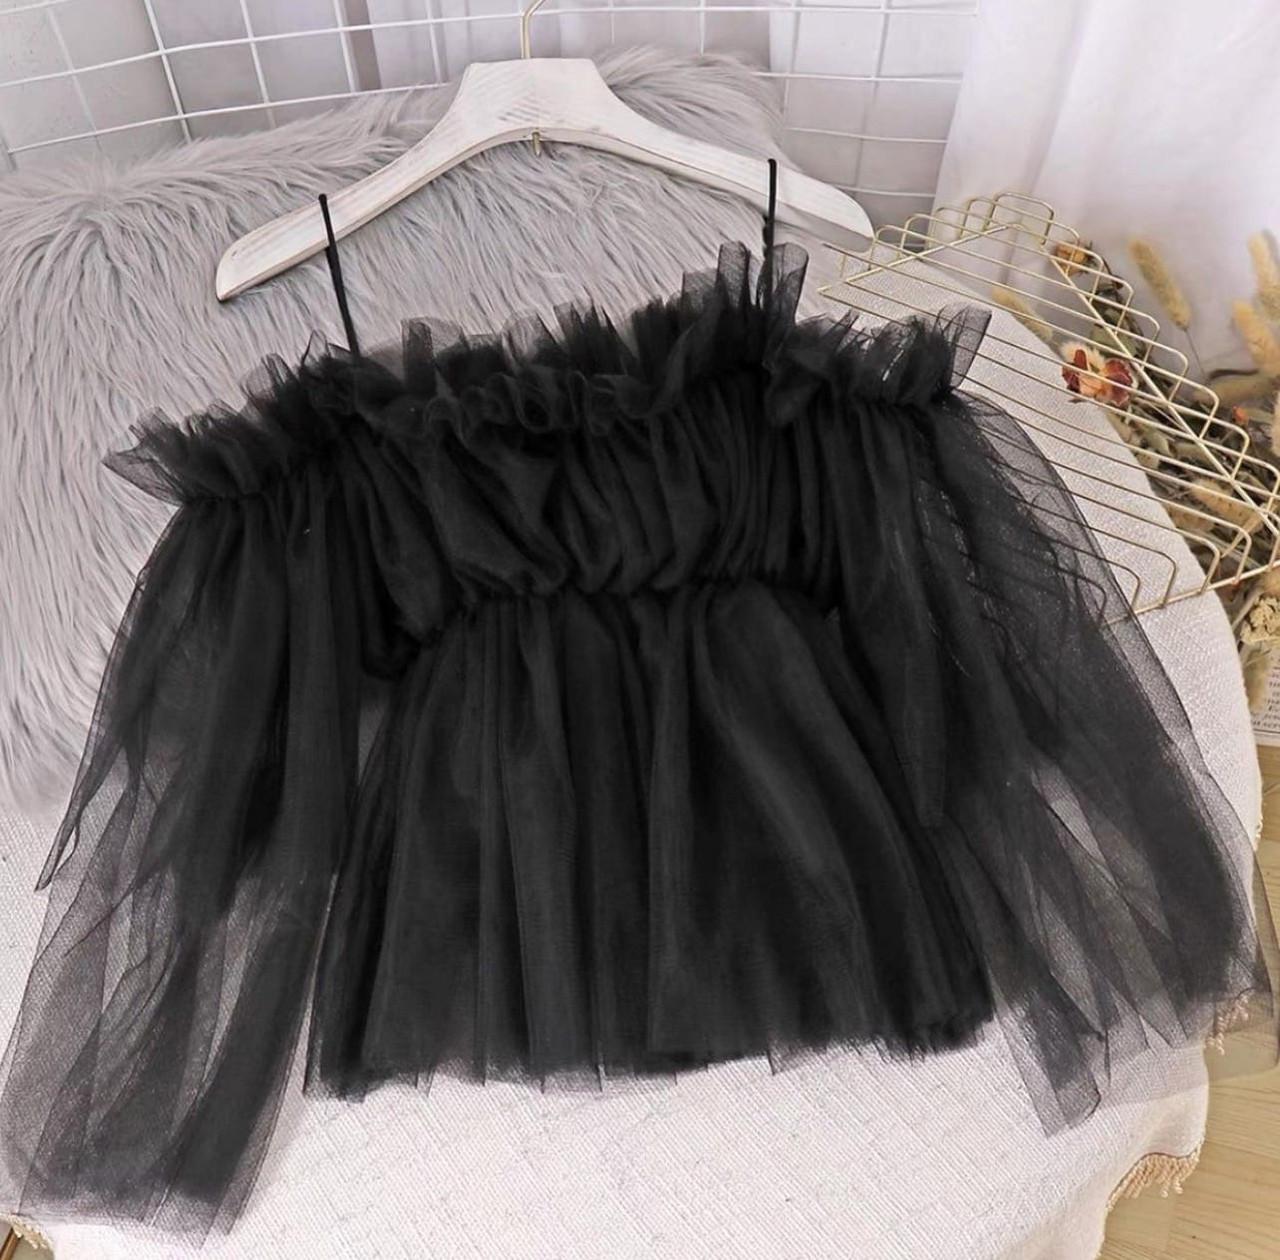 Жіноча блузка, супер софт + фатиновая євро сітка, р-р 42-44; 44-46 (чорний)